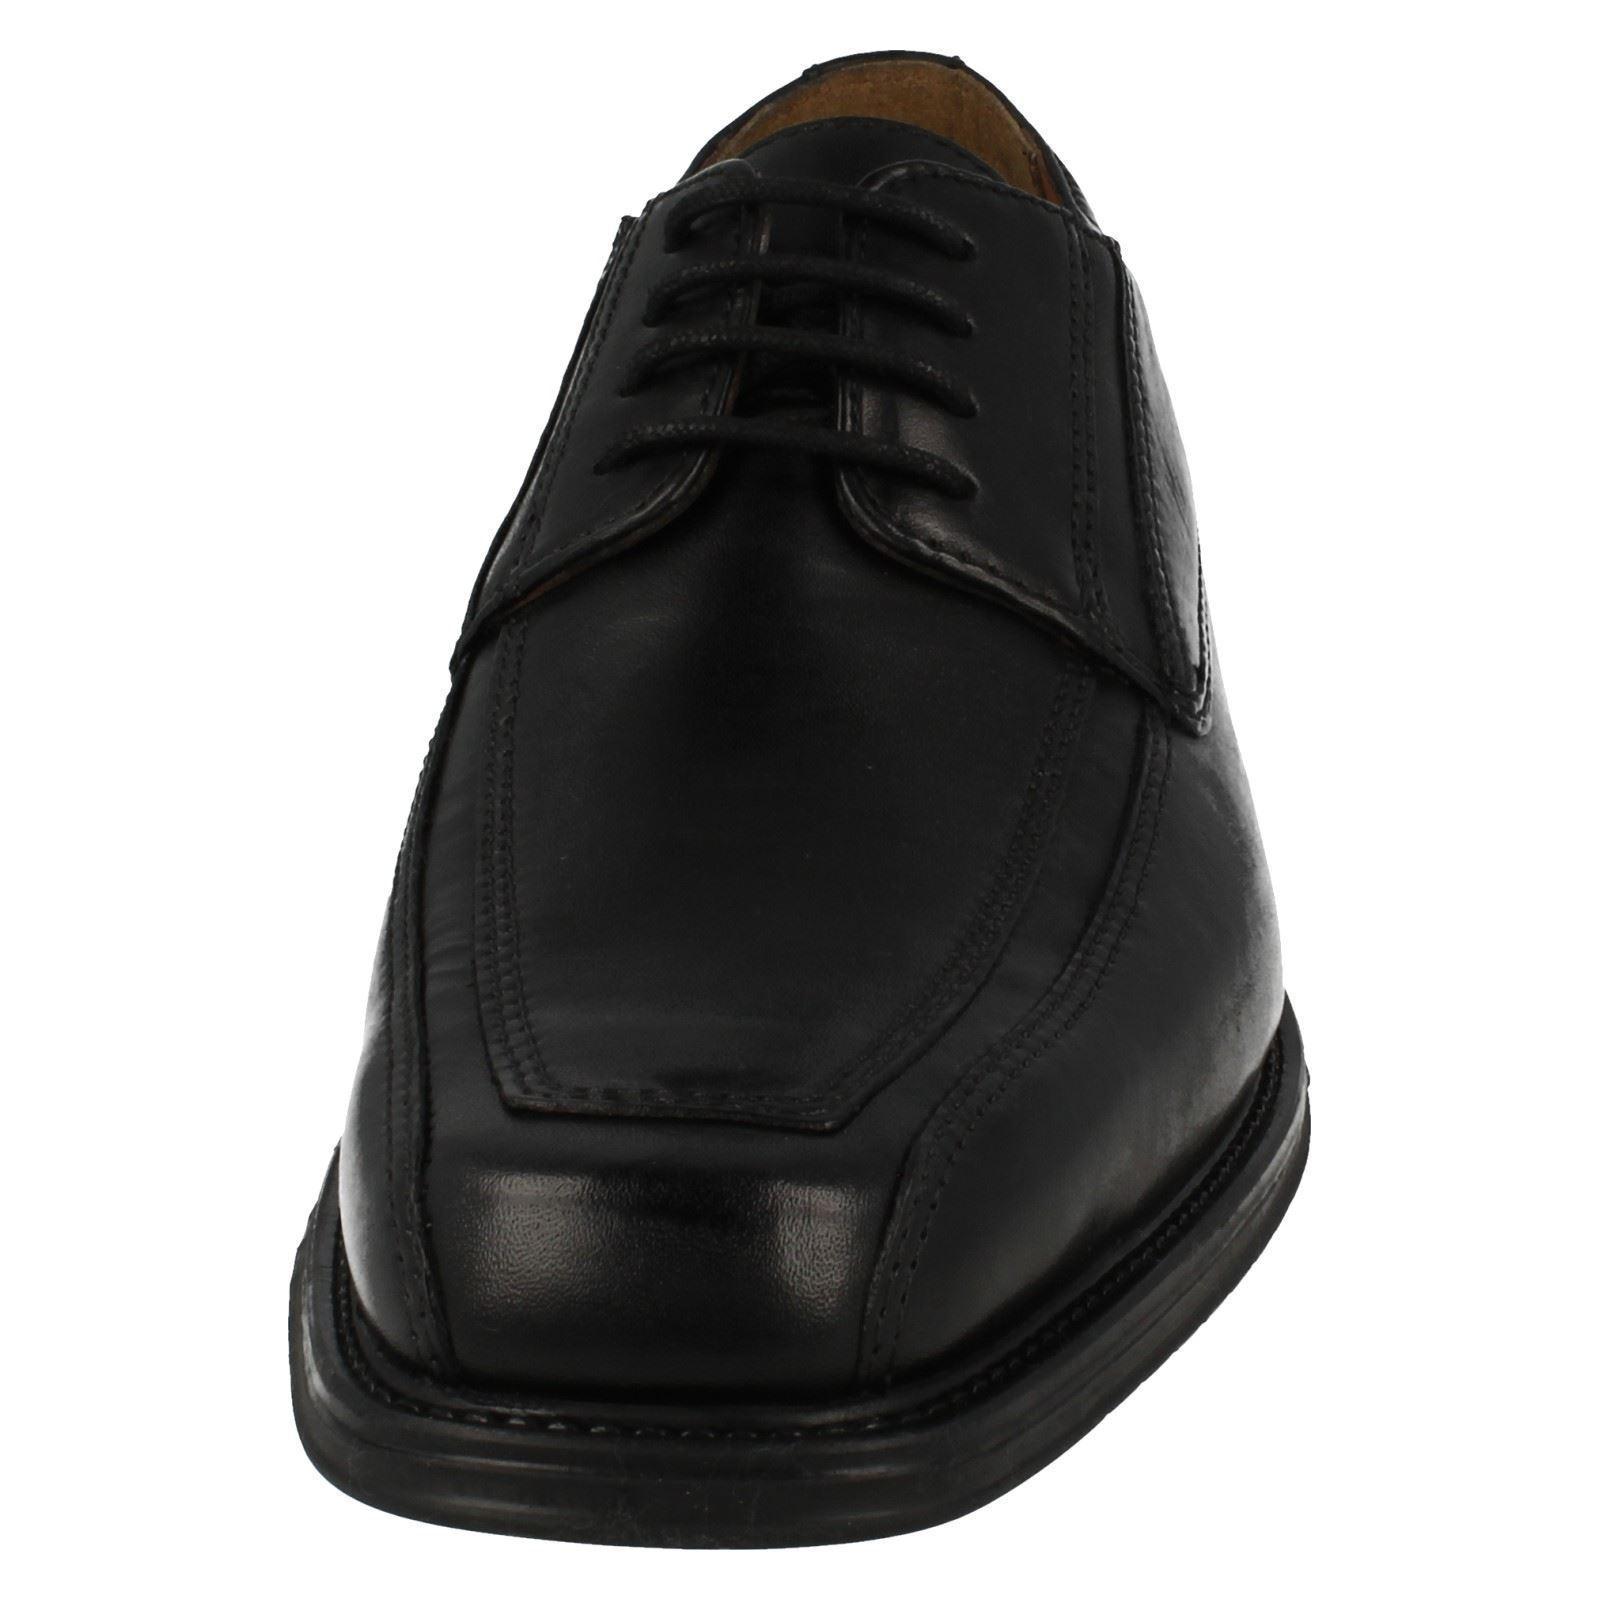 Para Hombre Clarks lazada lazada Clarks Zapatos De Cuero El Estilo-Driggs caminar b14706